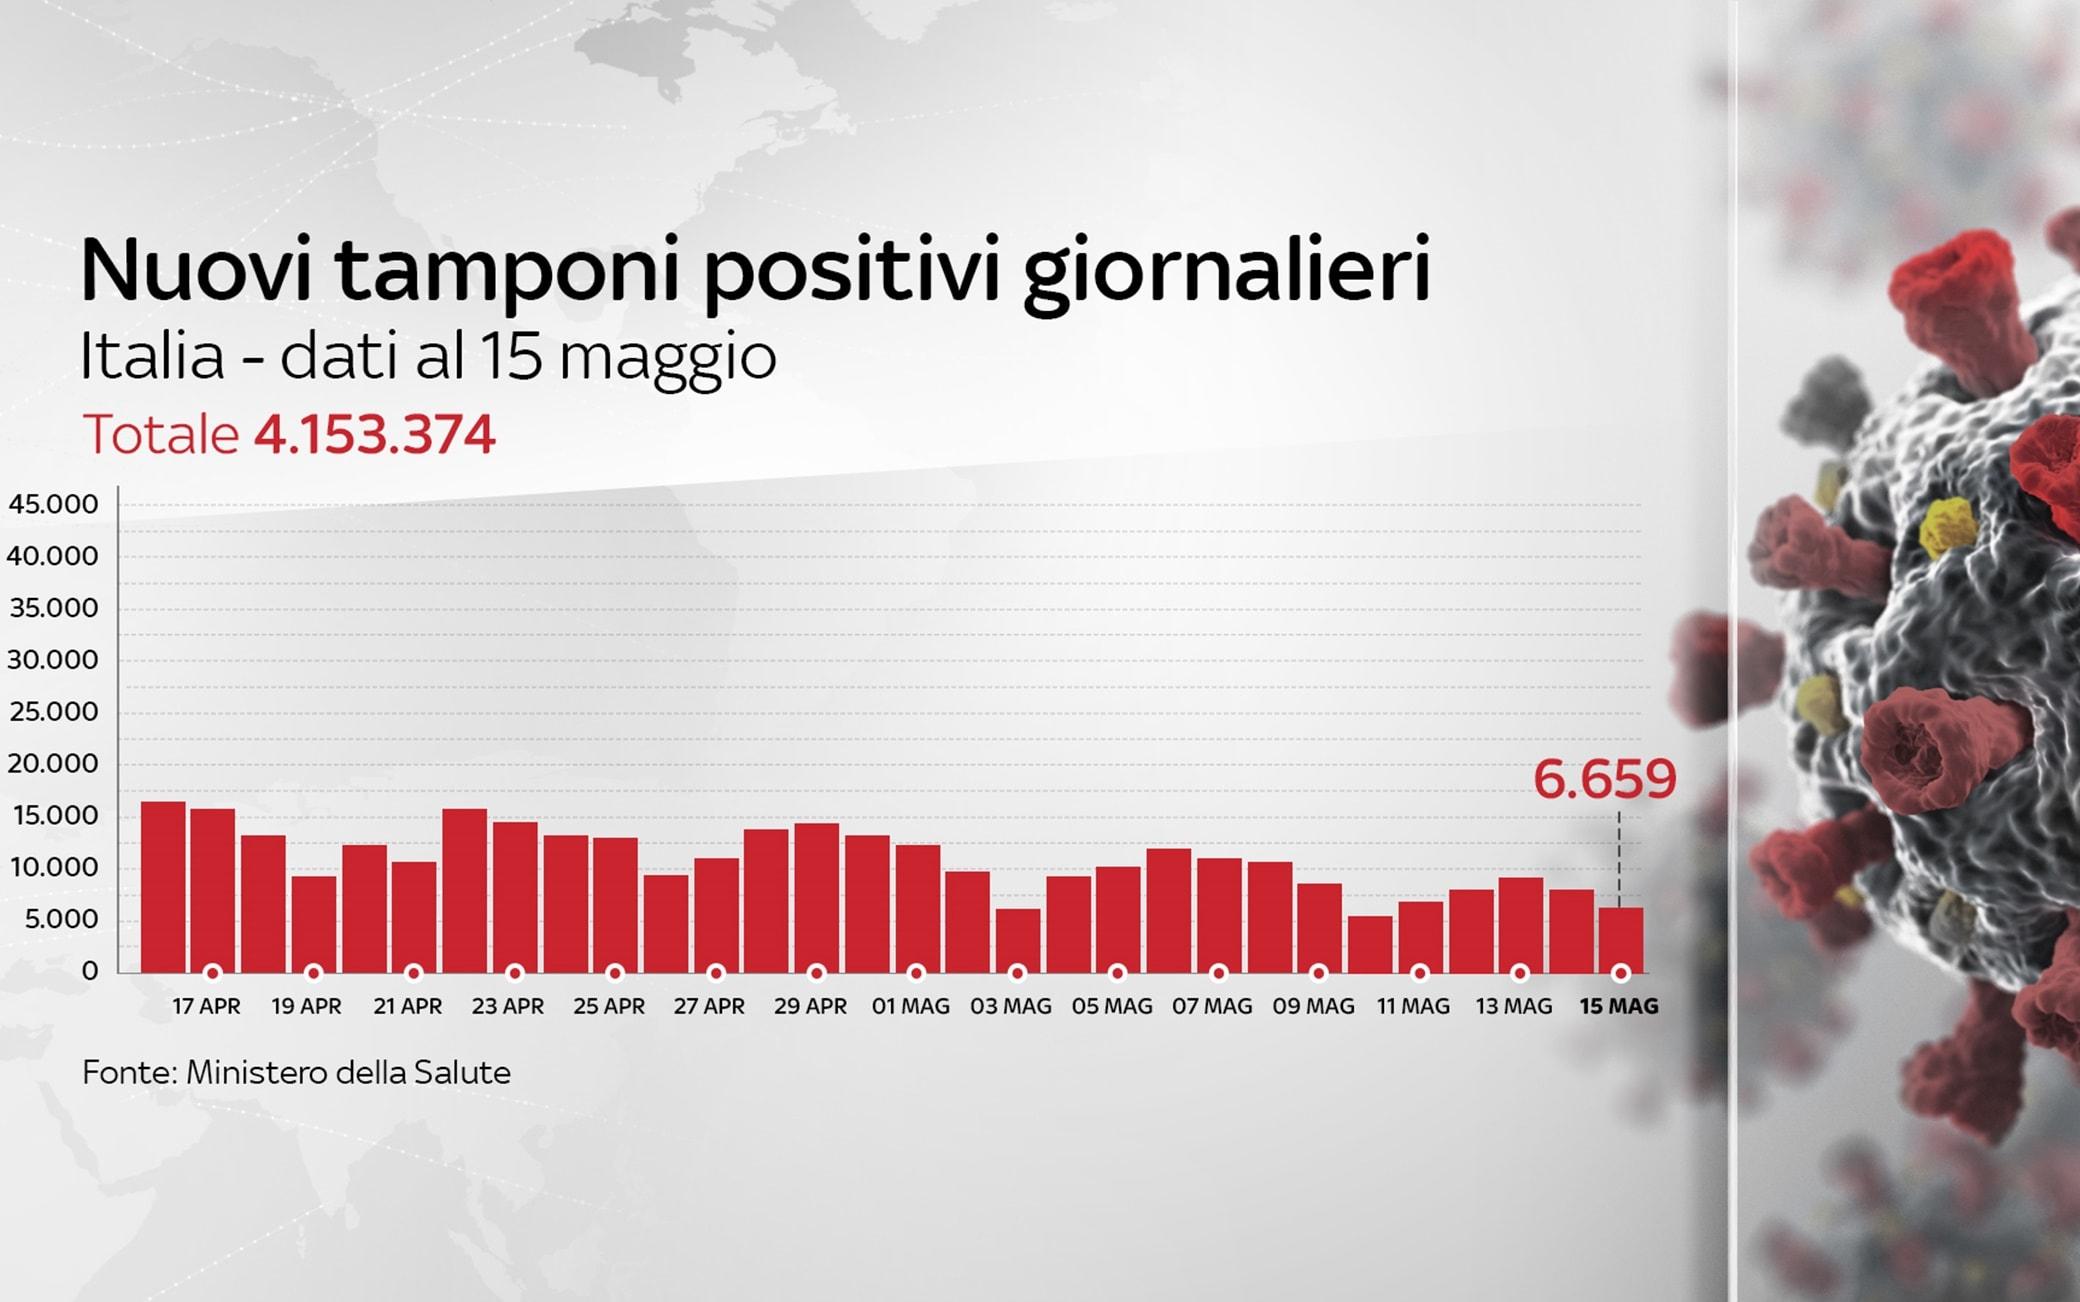 Grafiche coronavirus: i nuovi tamponi positivi giornalieri sono 6.659